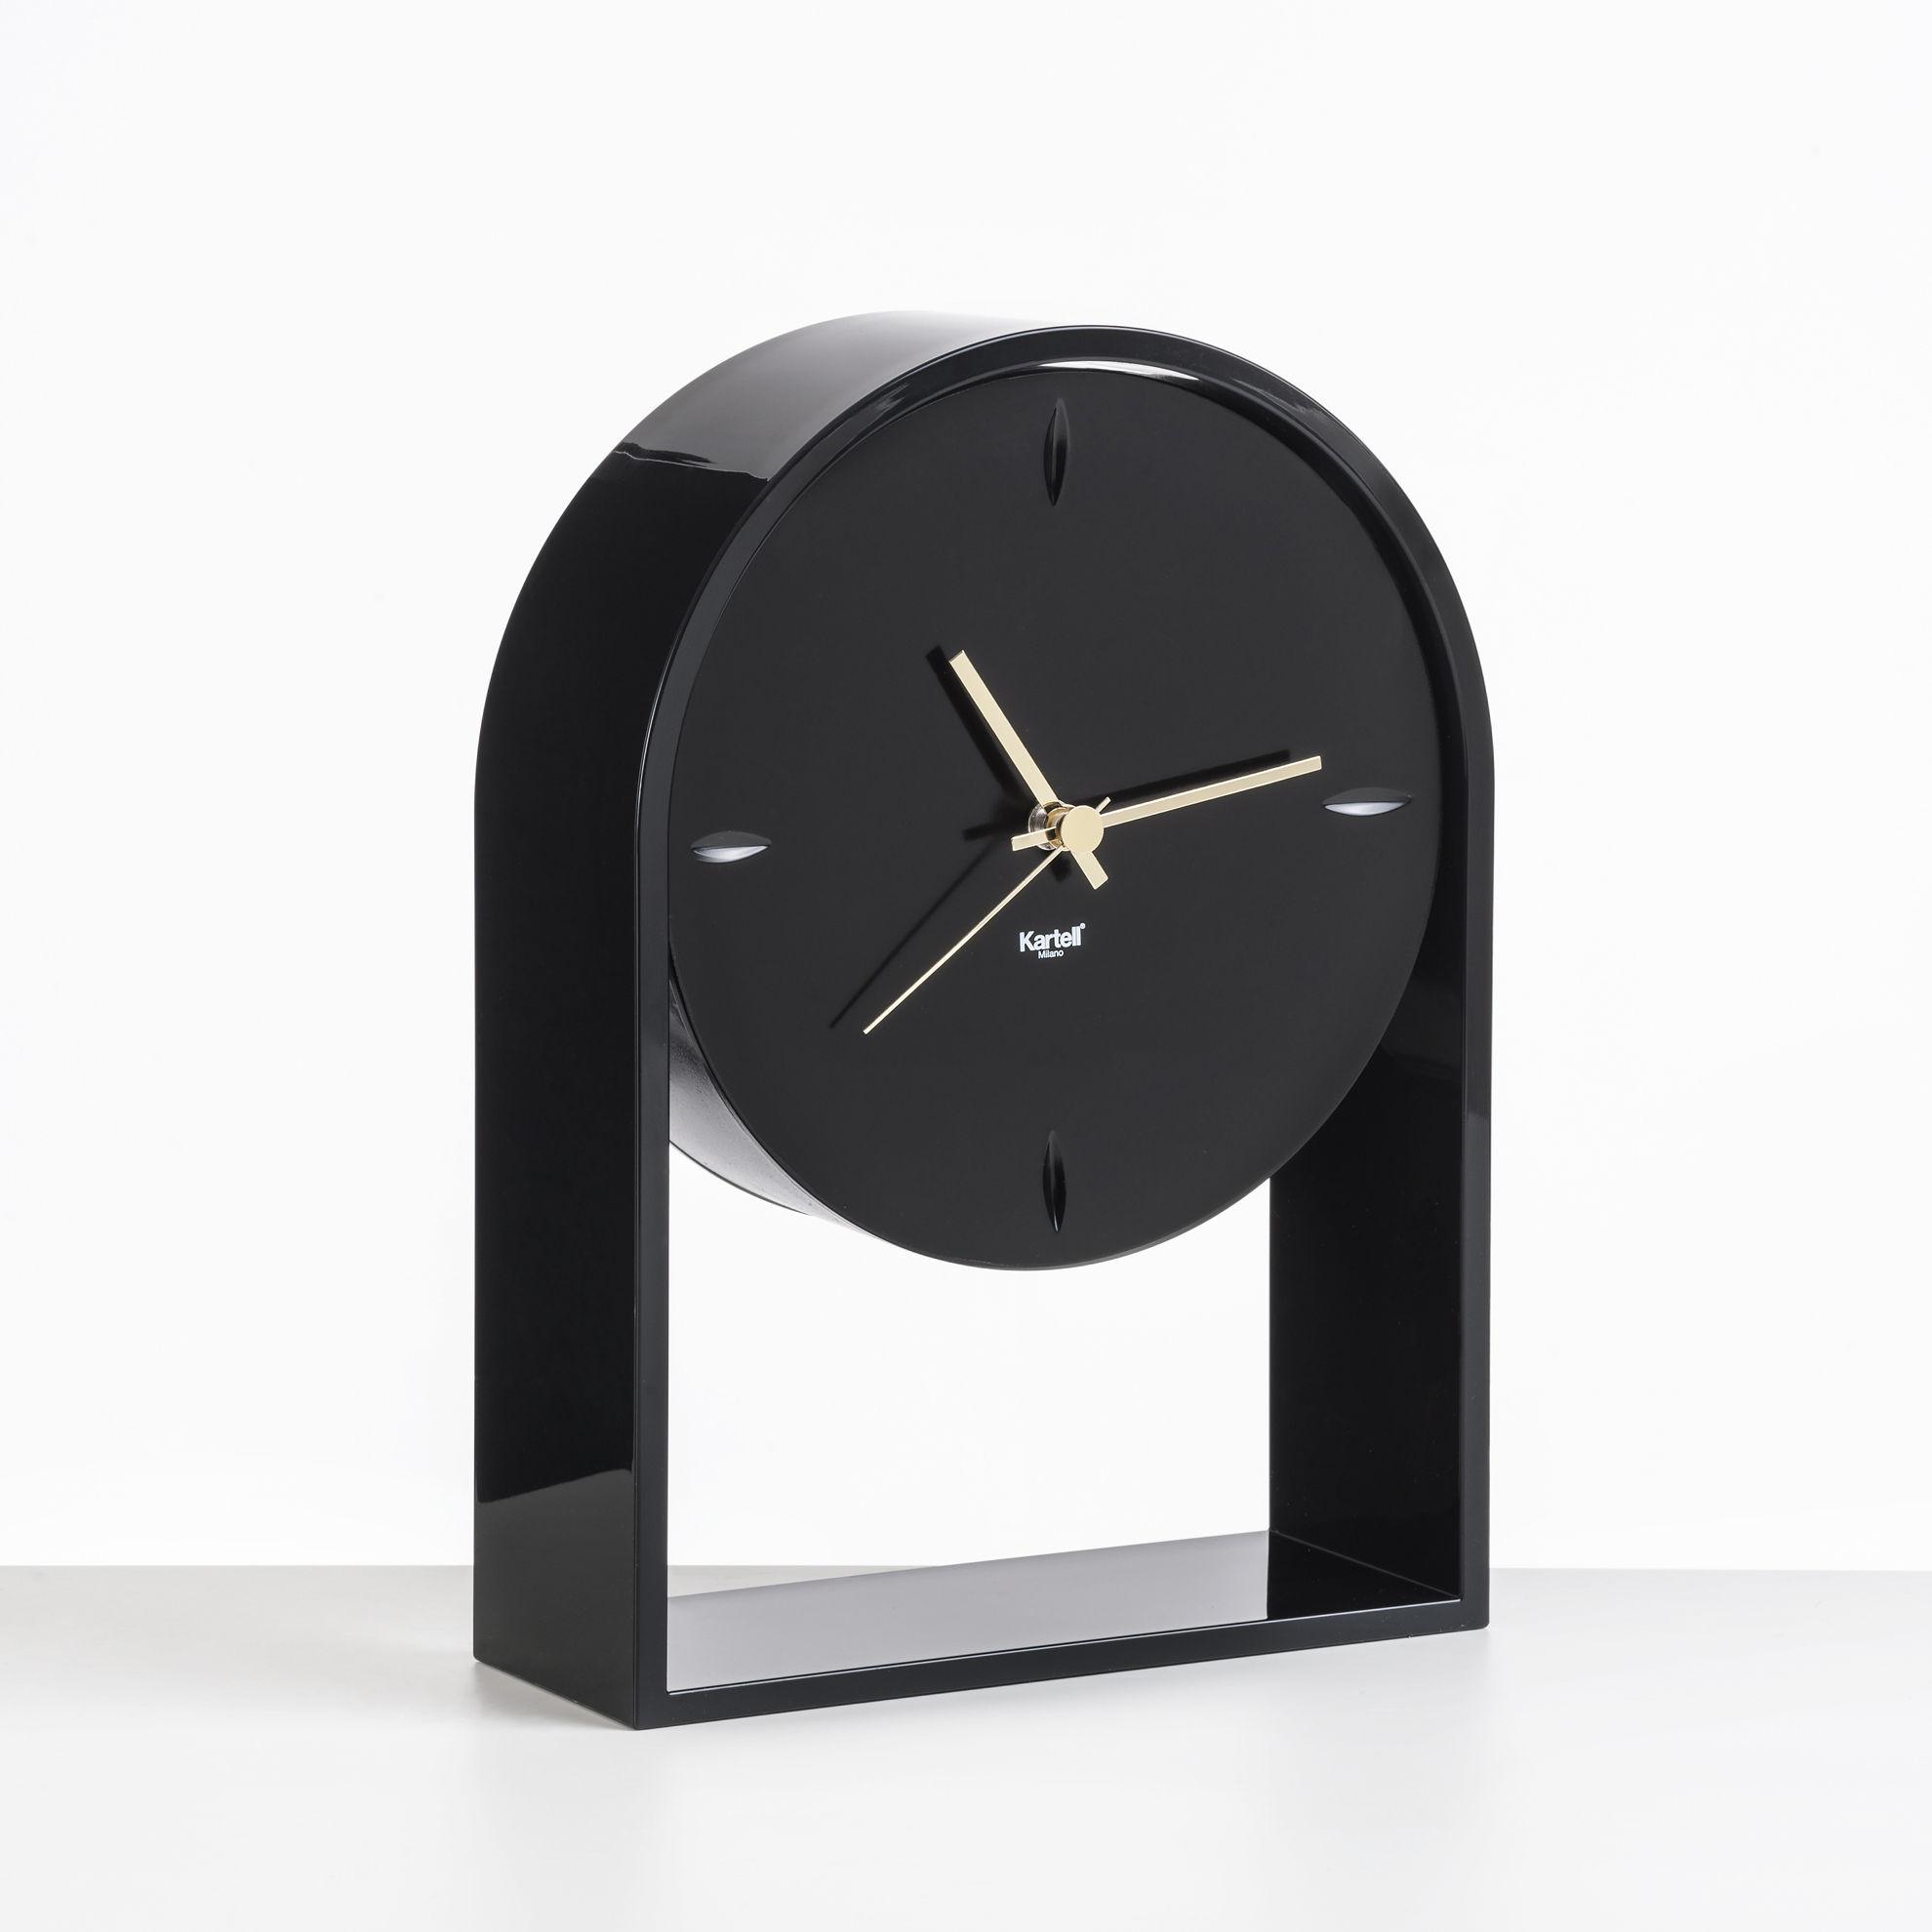 Interni - Orologi  - Orologio da posare L'Air du temps - / H 30 cm di Kartell - Nero / Nero - Technopolymère thermoplastique